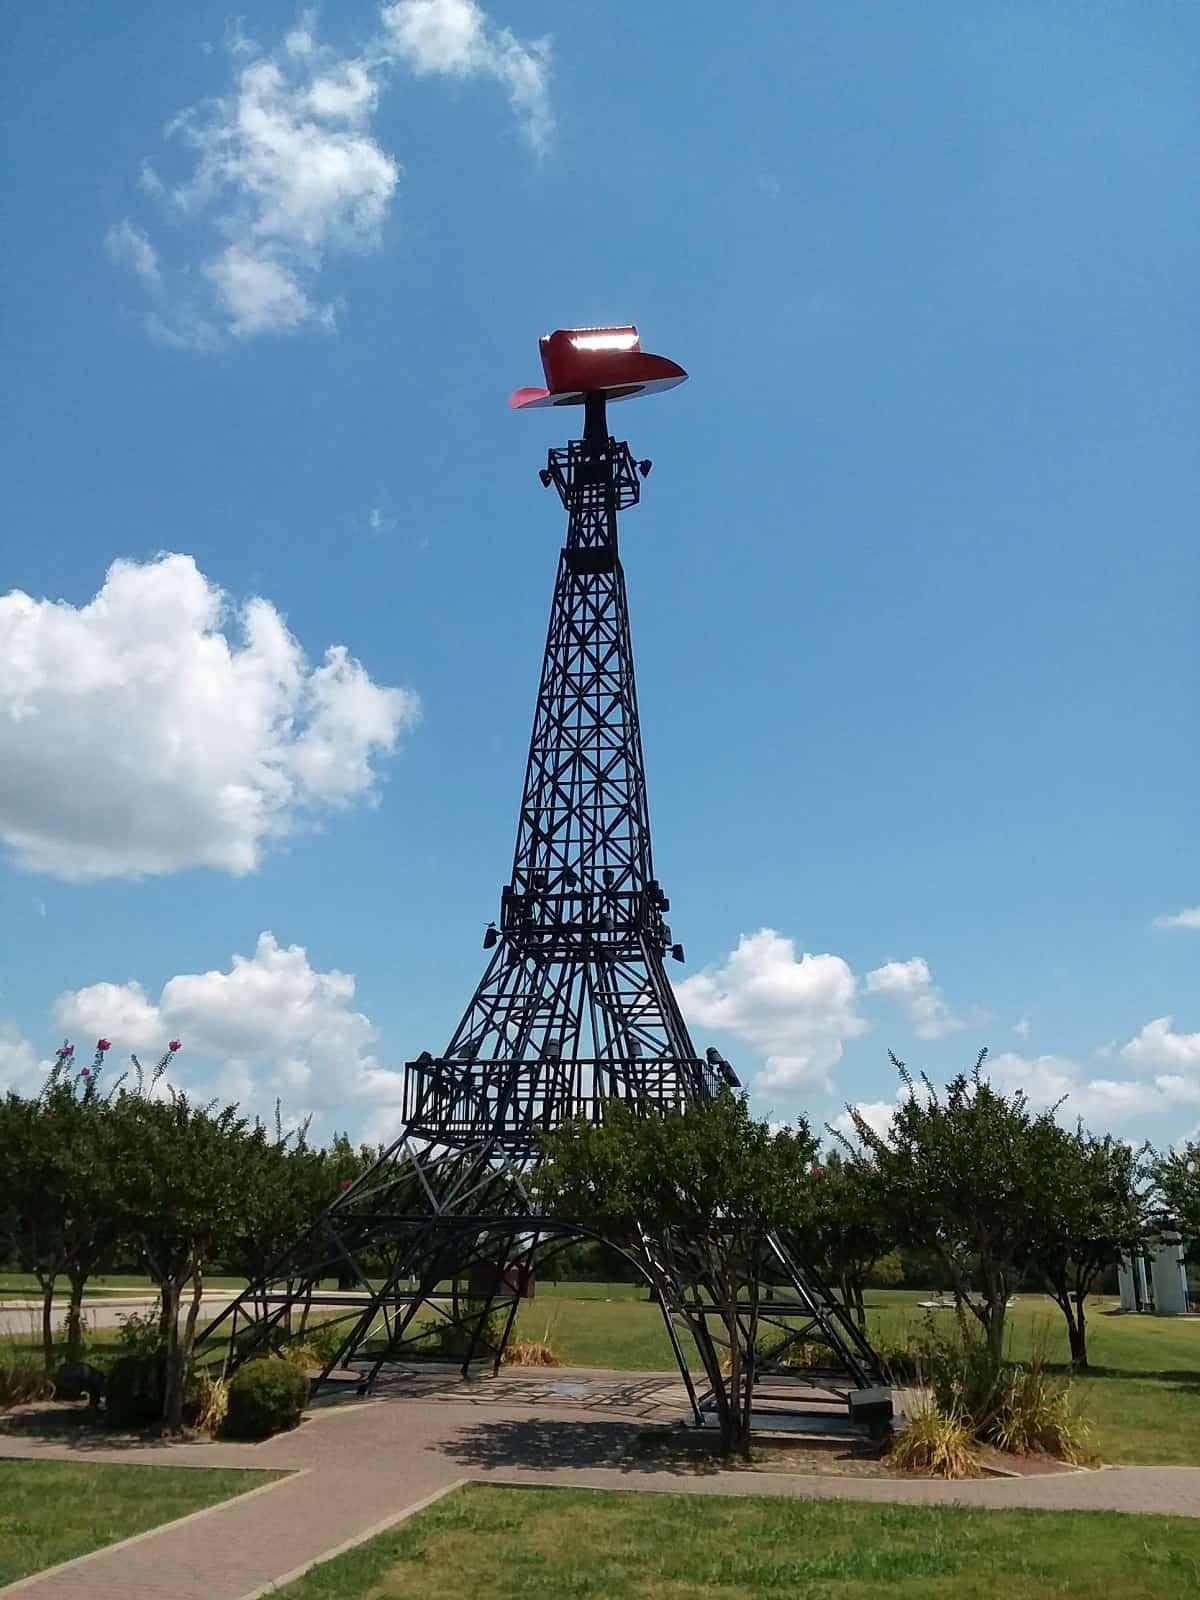 Eiffel Tower in Paris, Texas